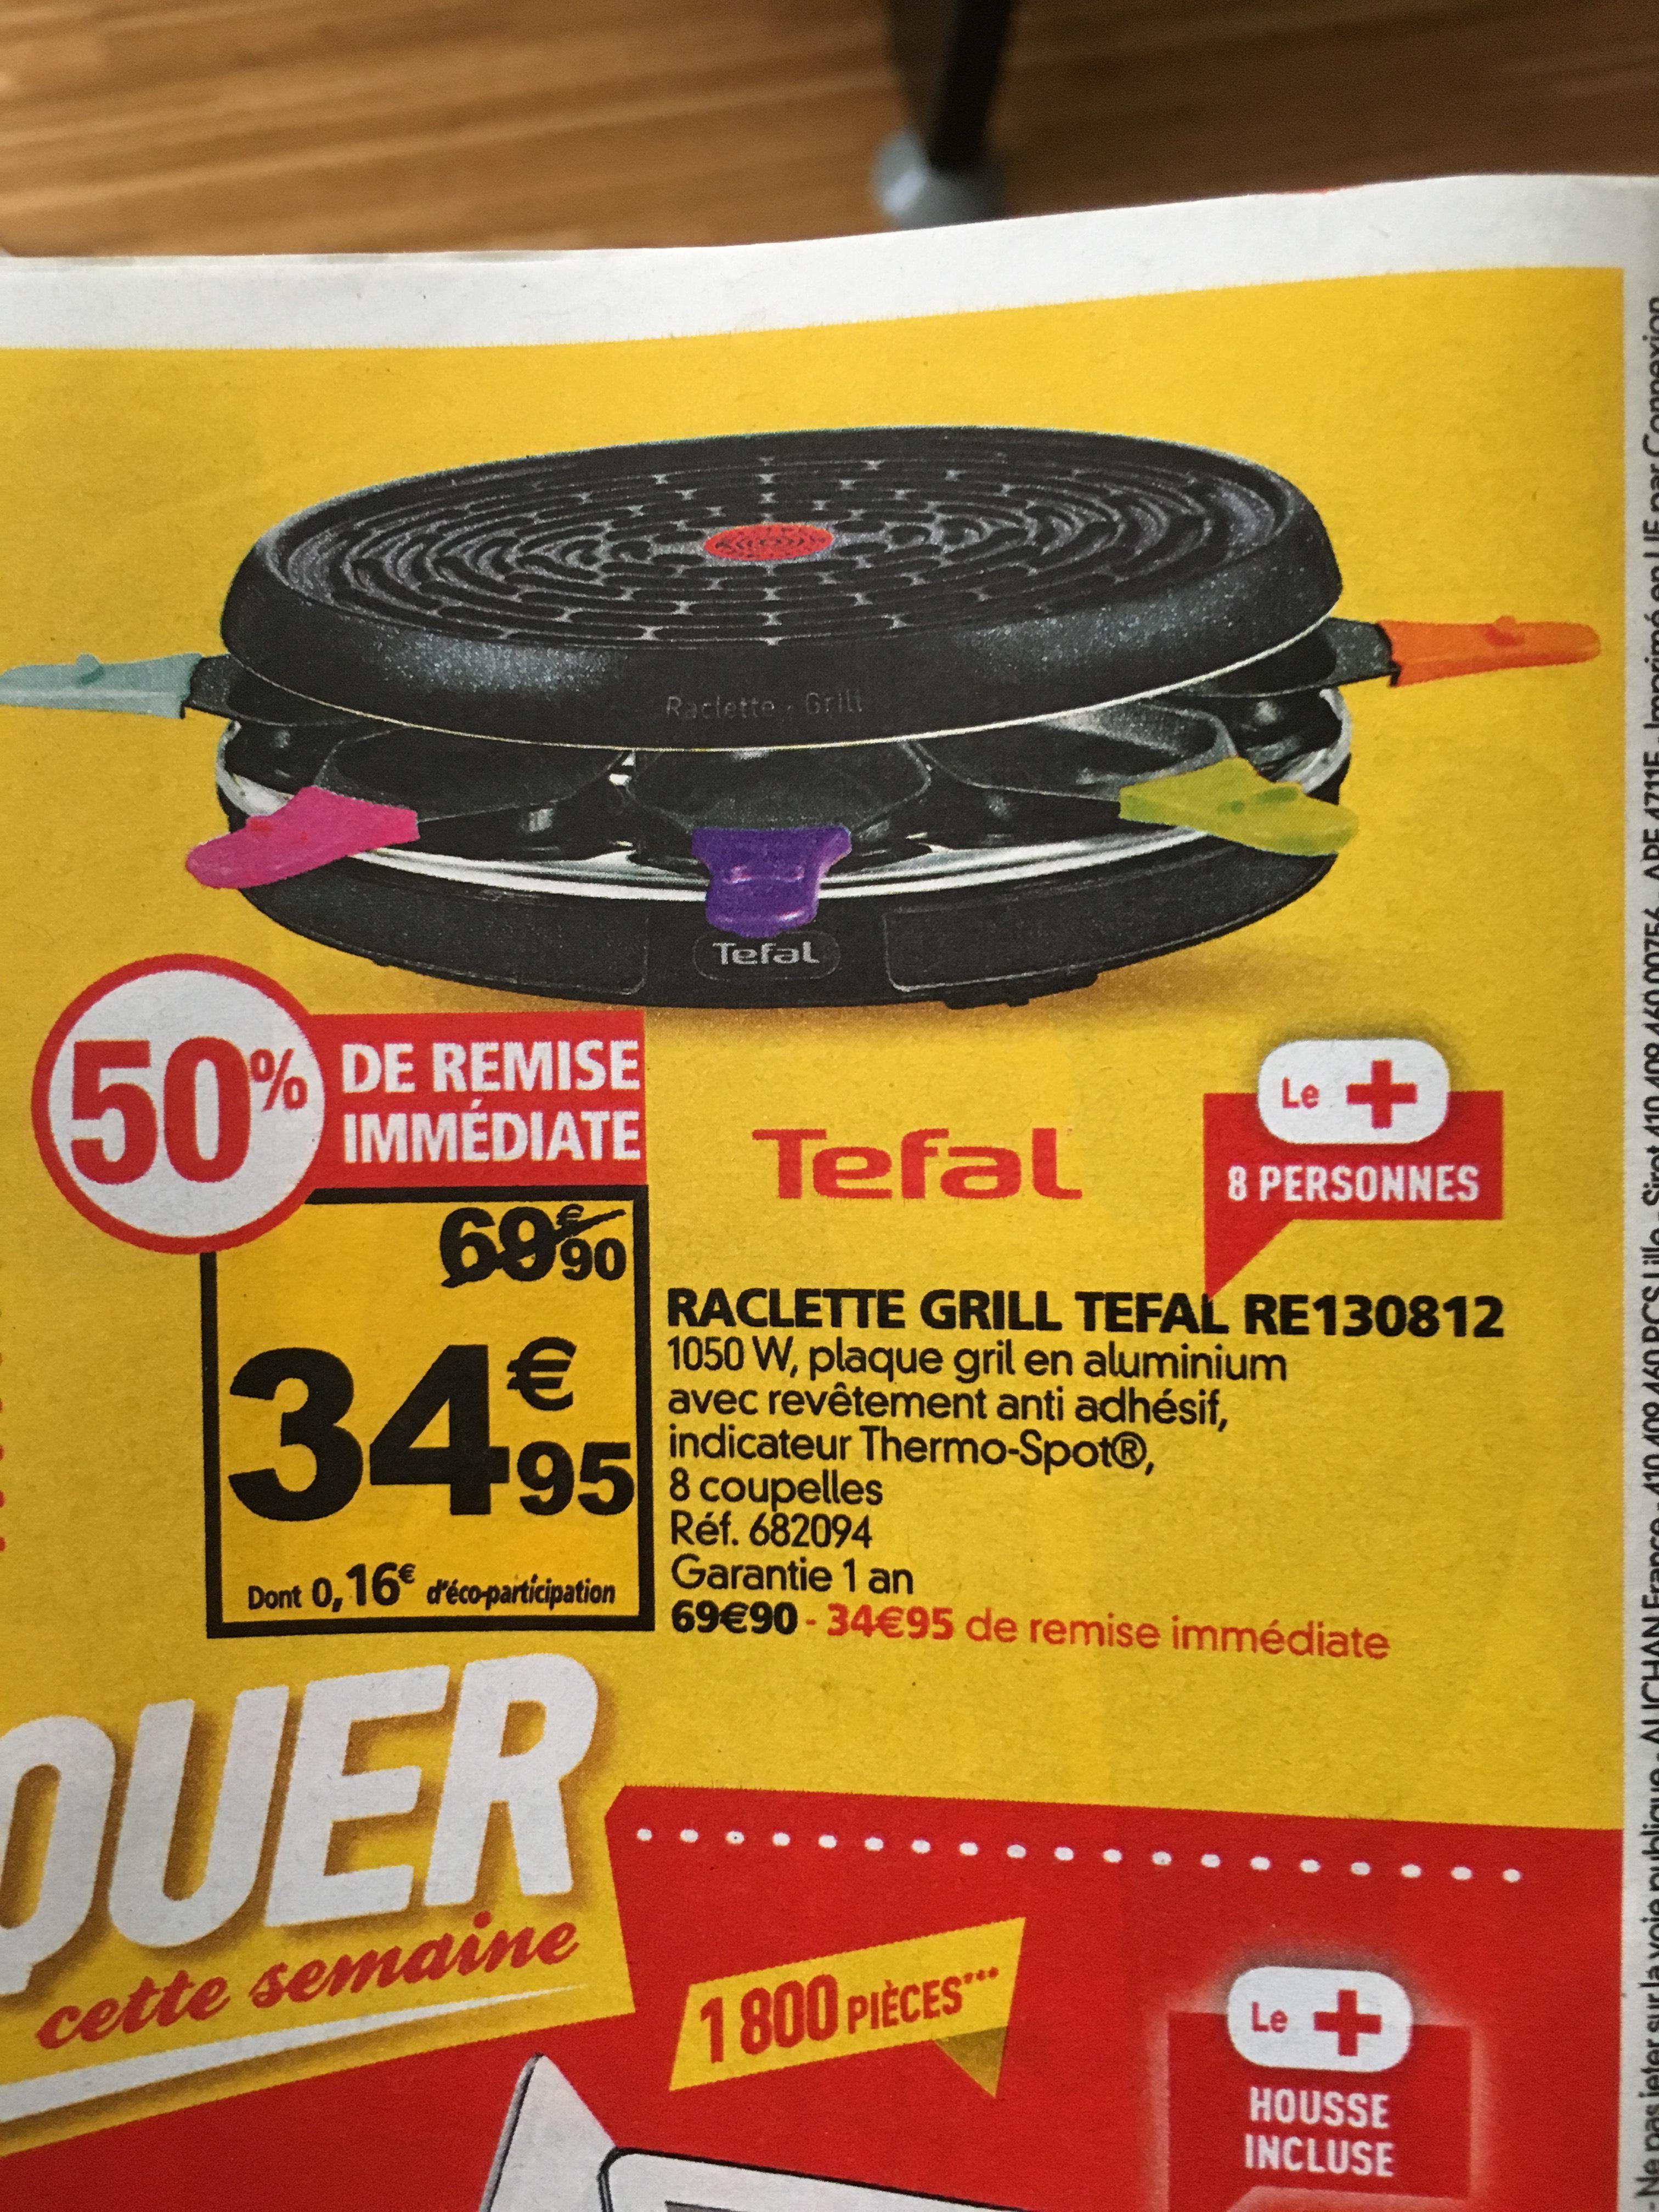 Appareil à Raclette Grill Tefal RE130812 - 8 personnes